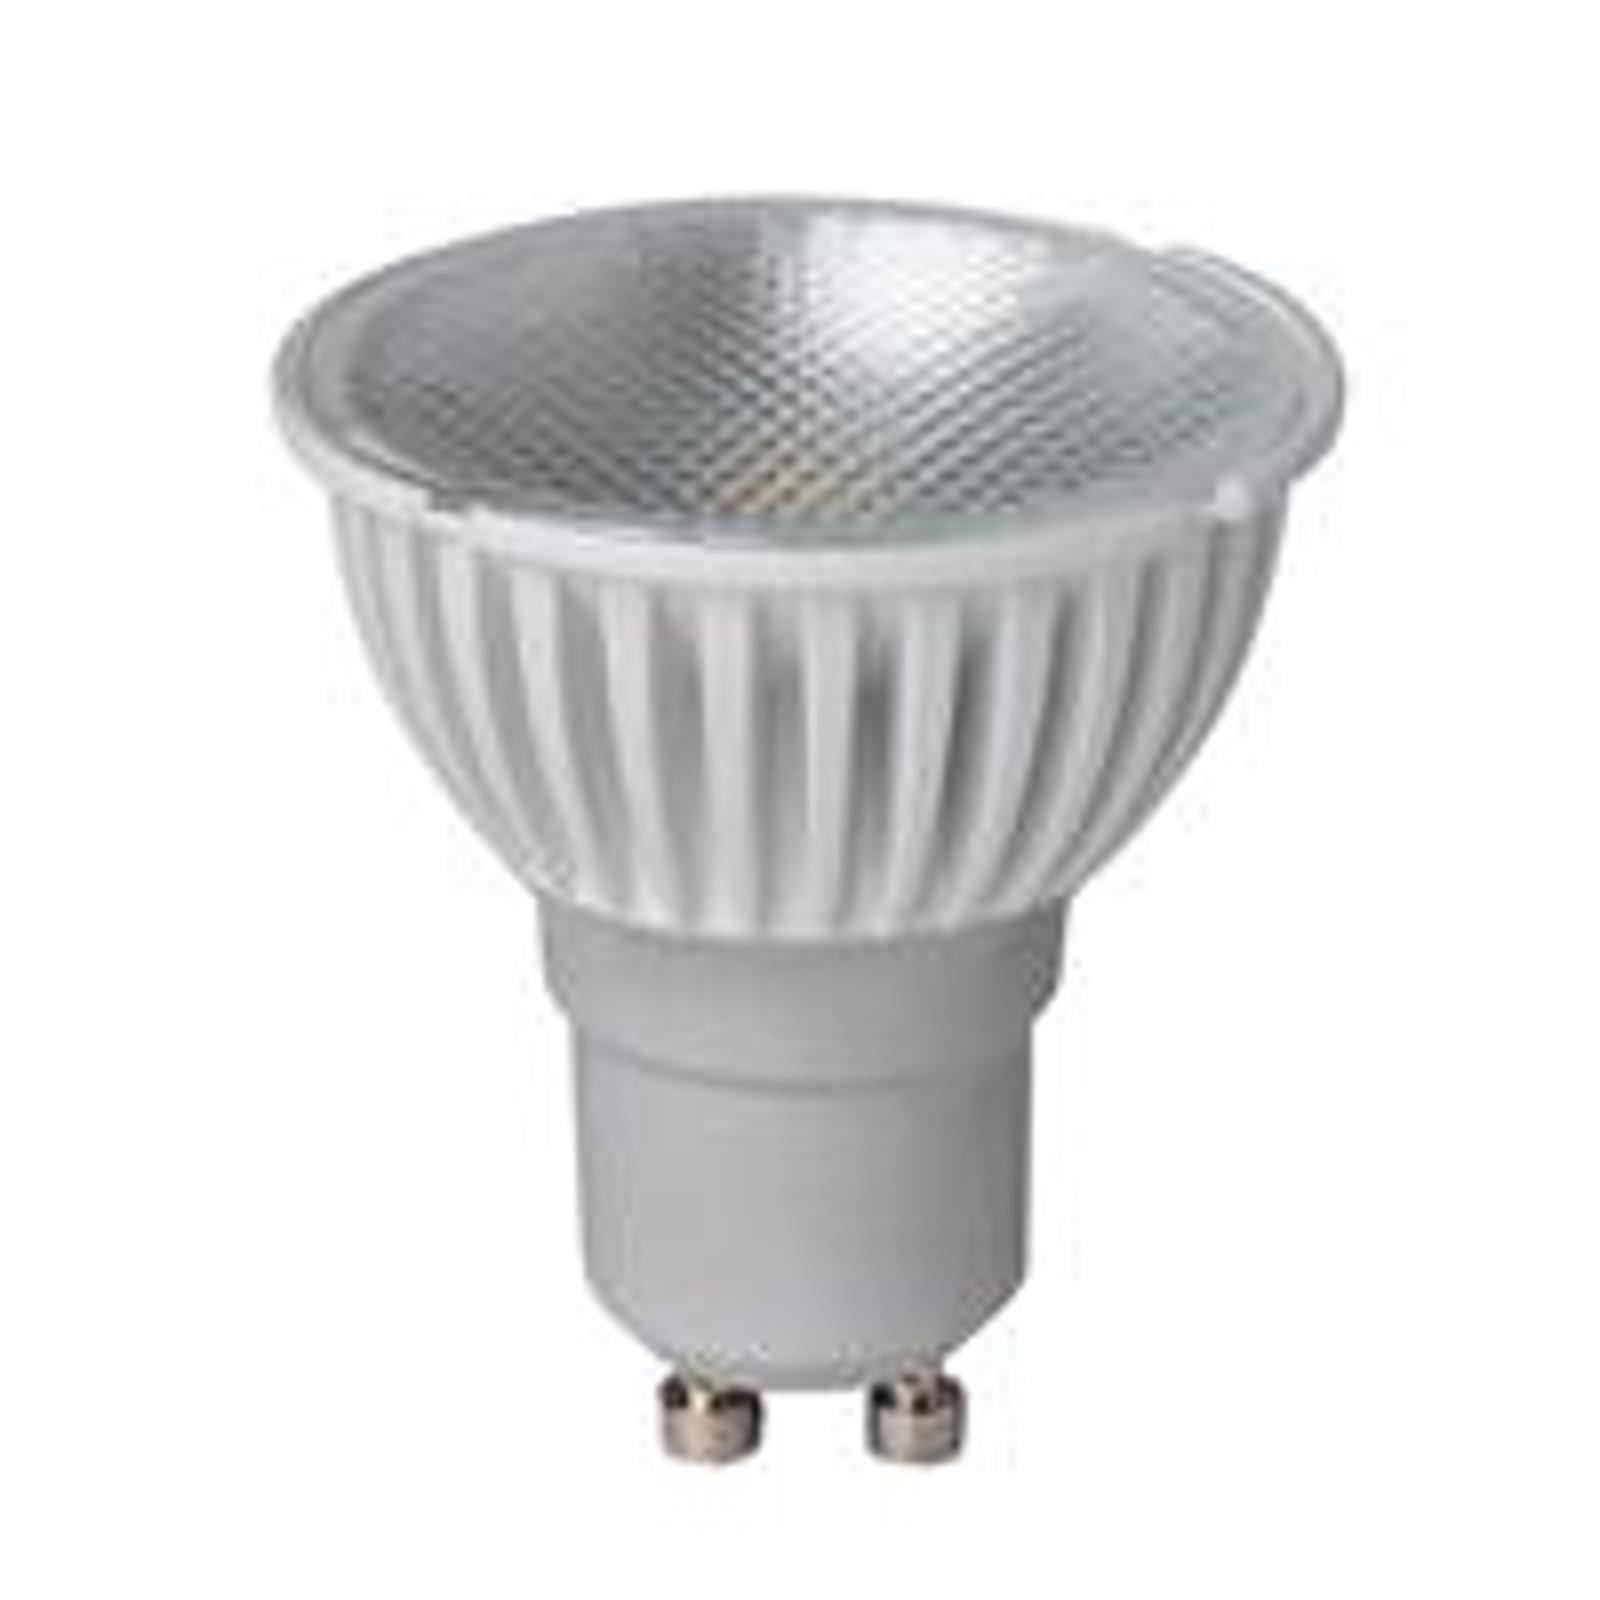 GU10 5,5W PAR16 828 LED reflektorpære 35°